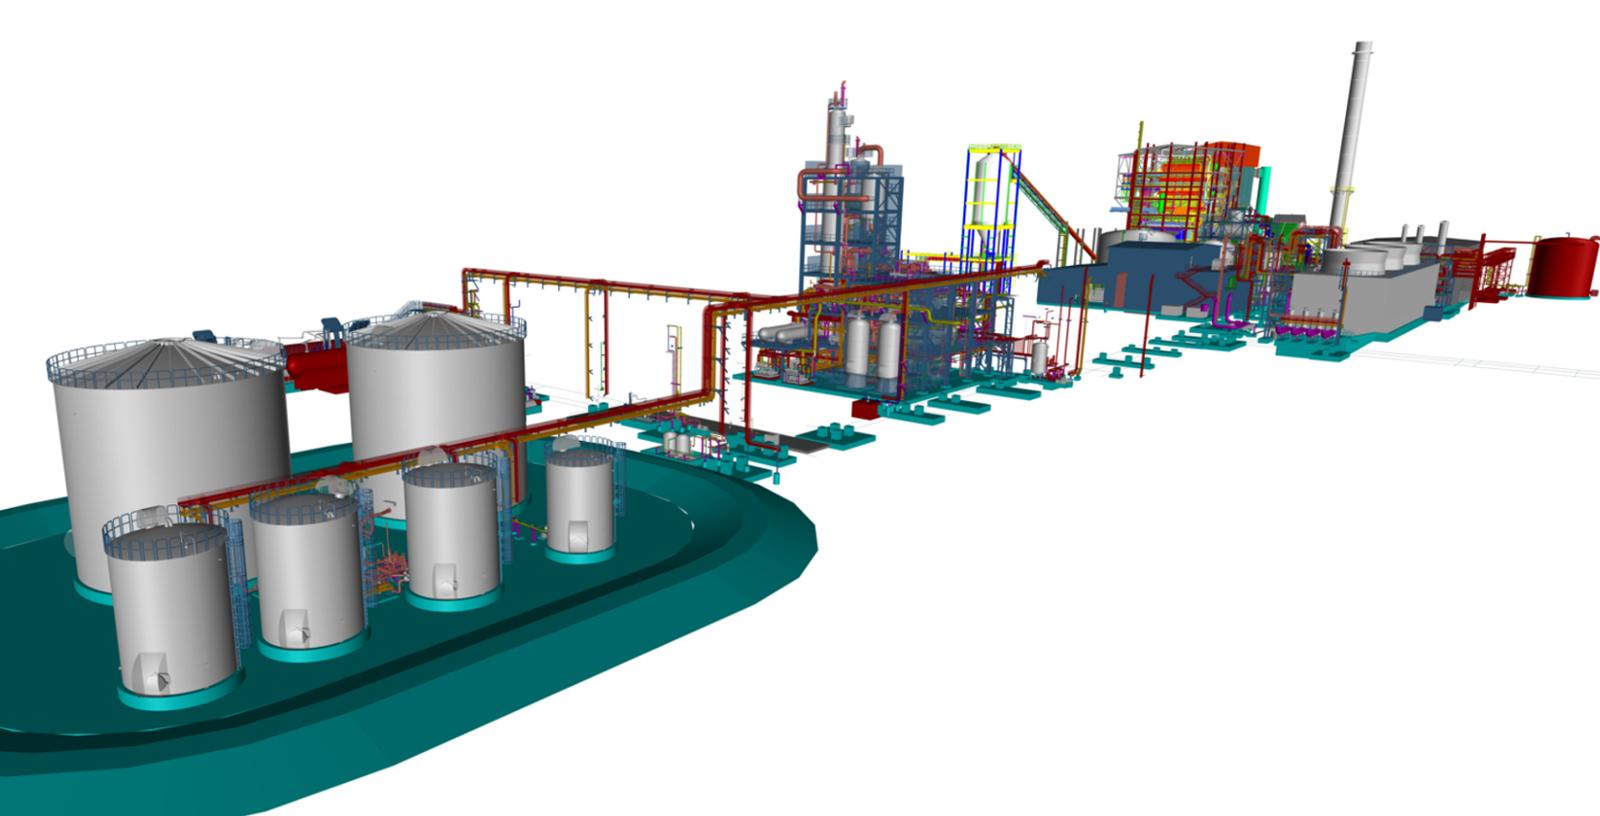 Hugoton_Bioethanol_Plant_USA_Abengoa_IDOM_002